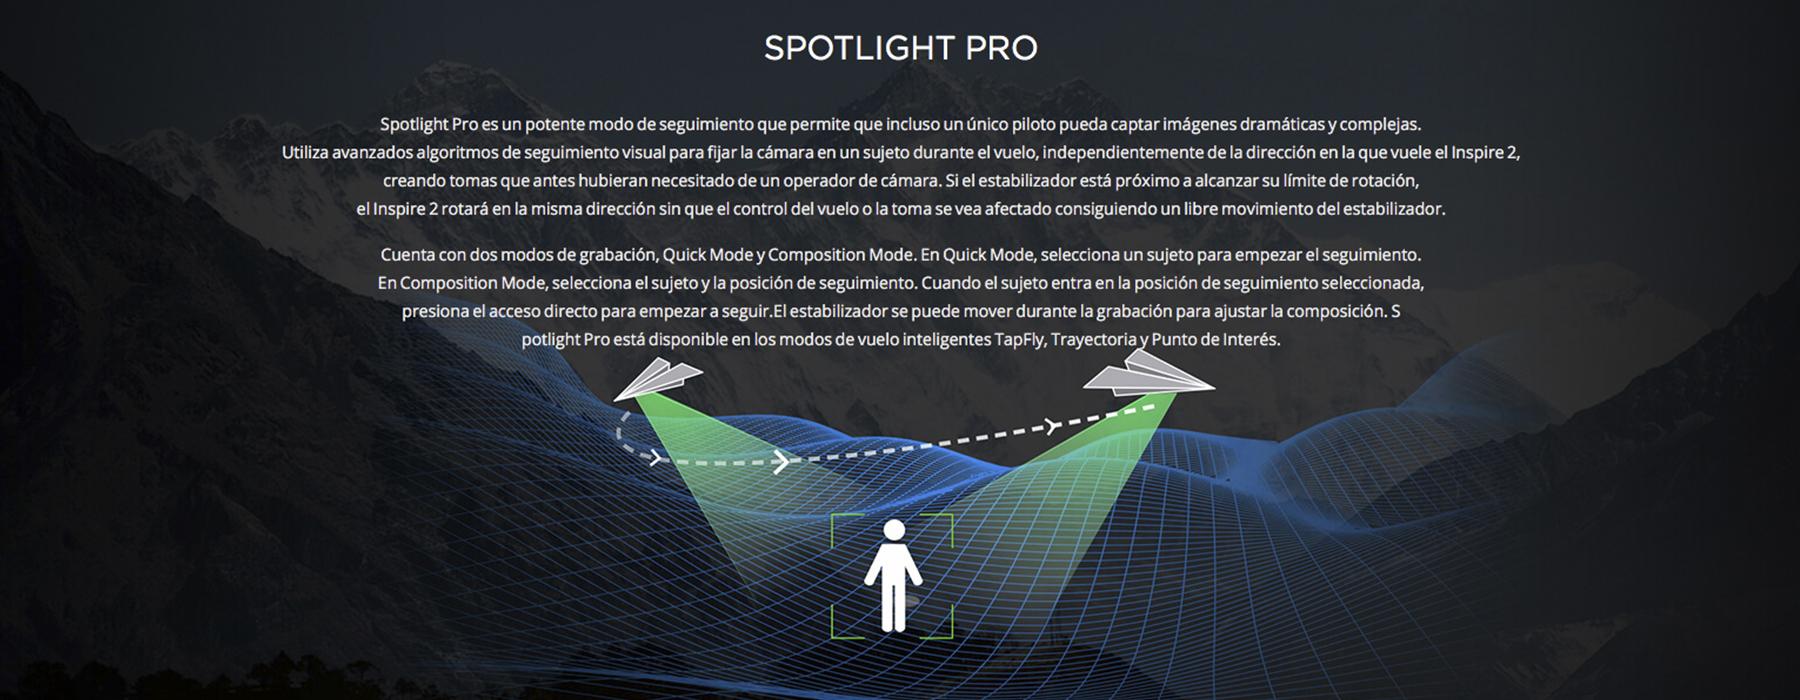 Spotlight PRO DJI INSPIRE 2